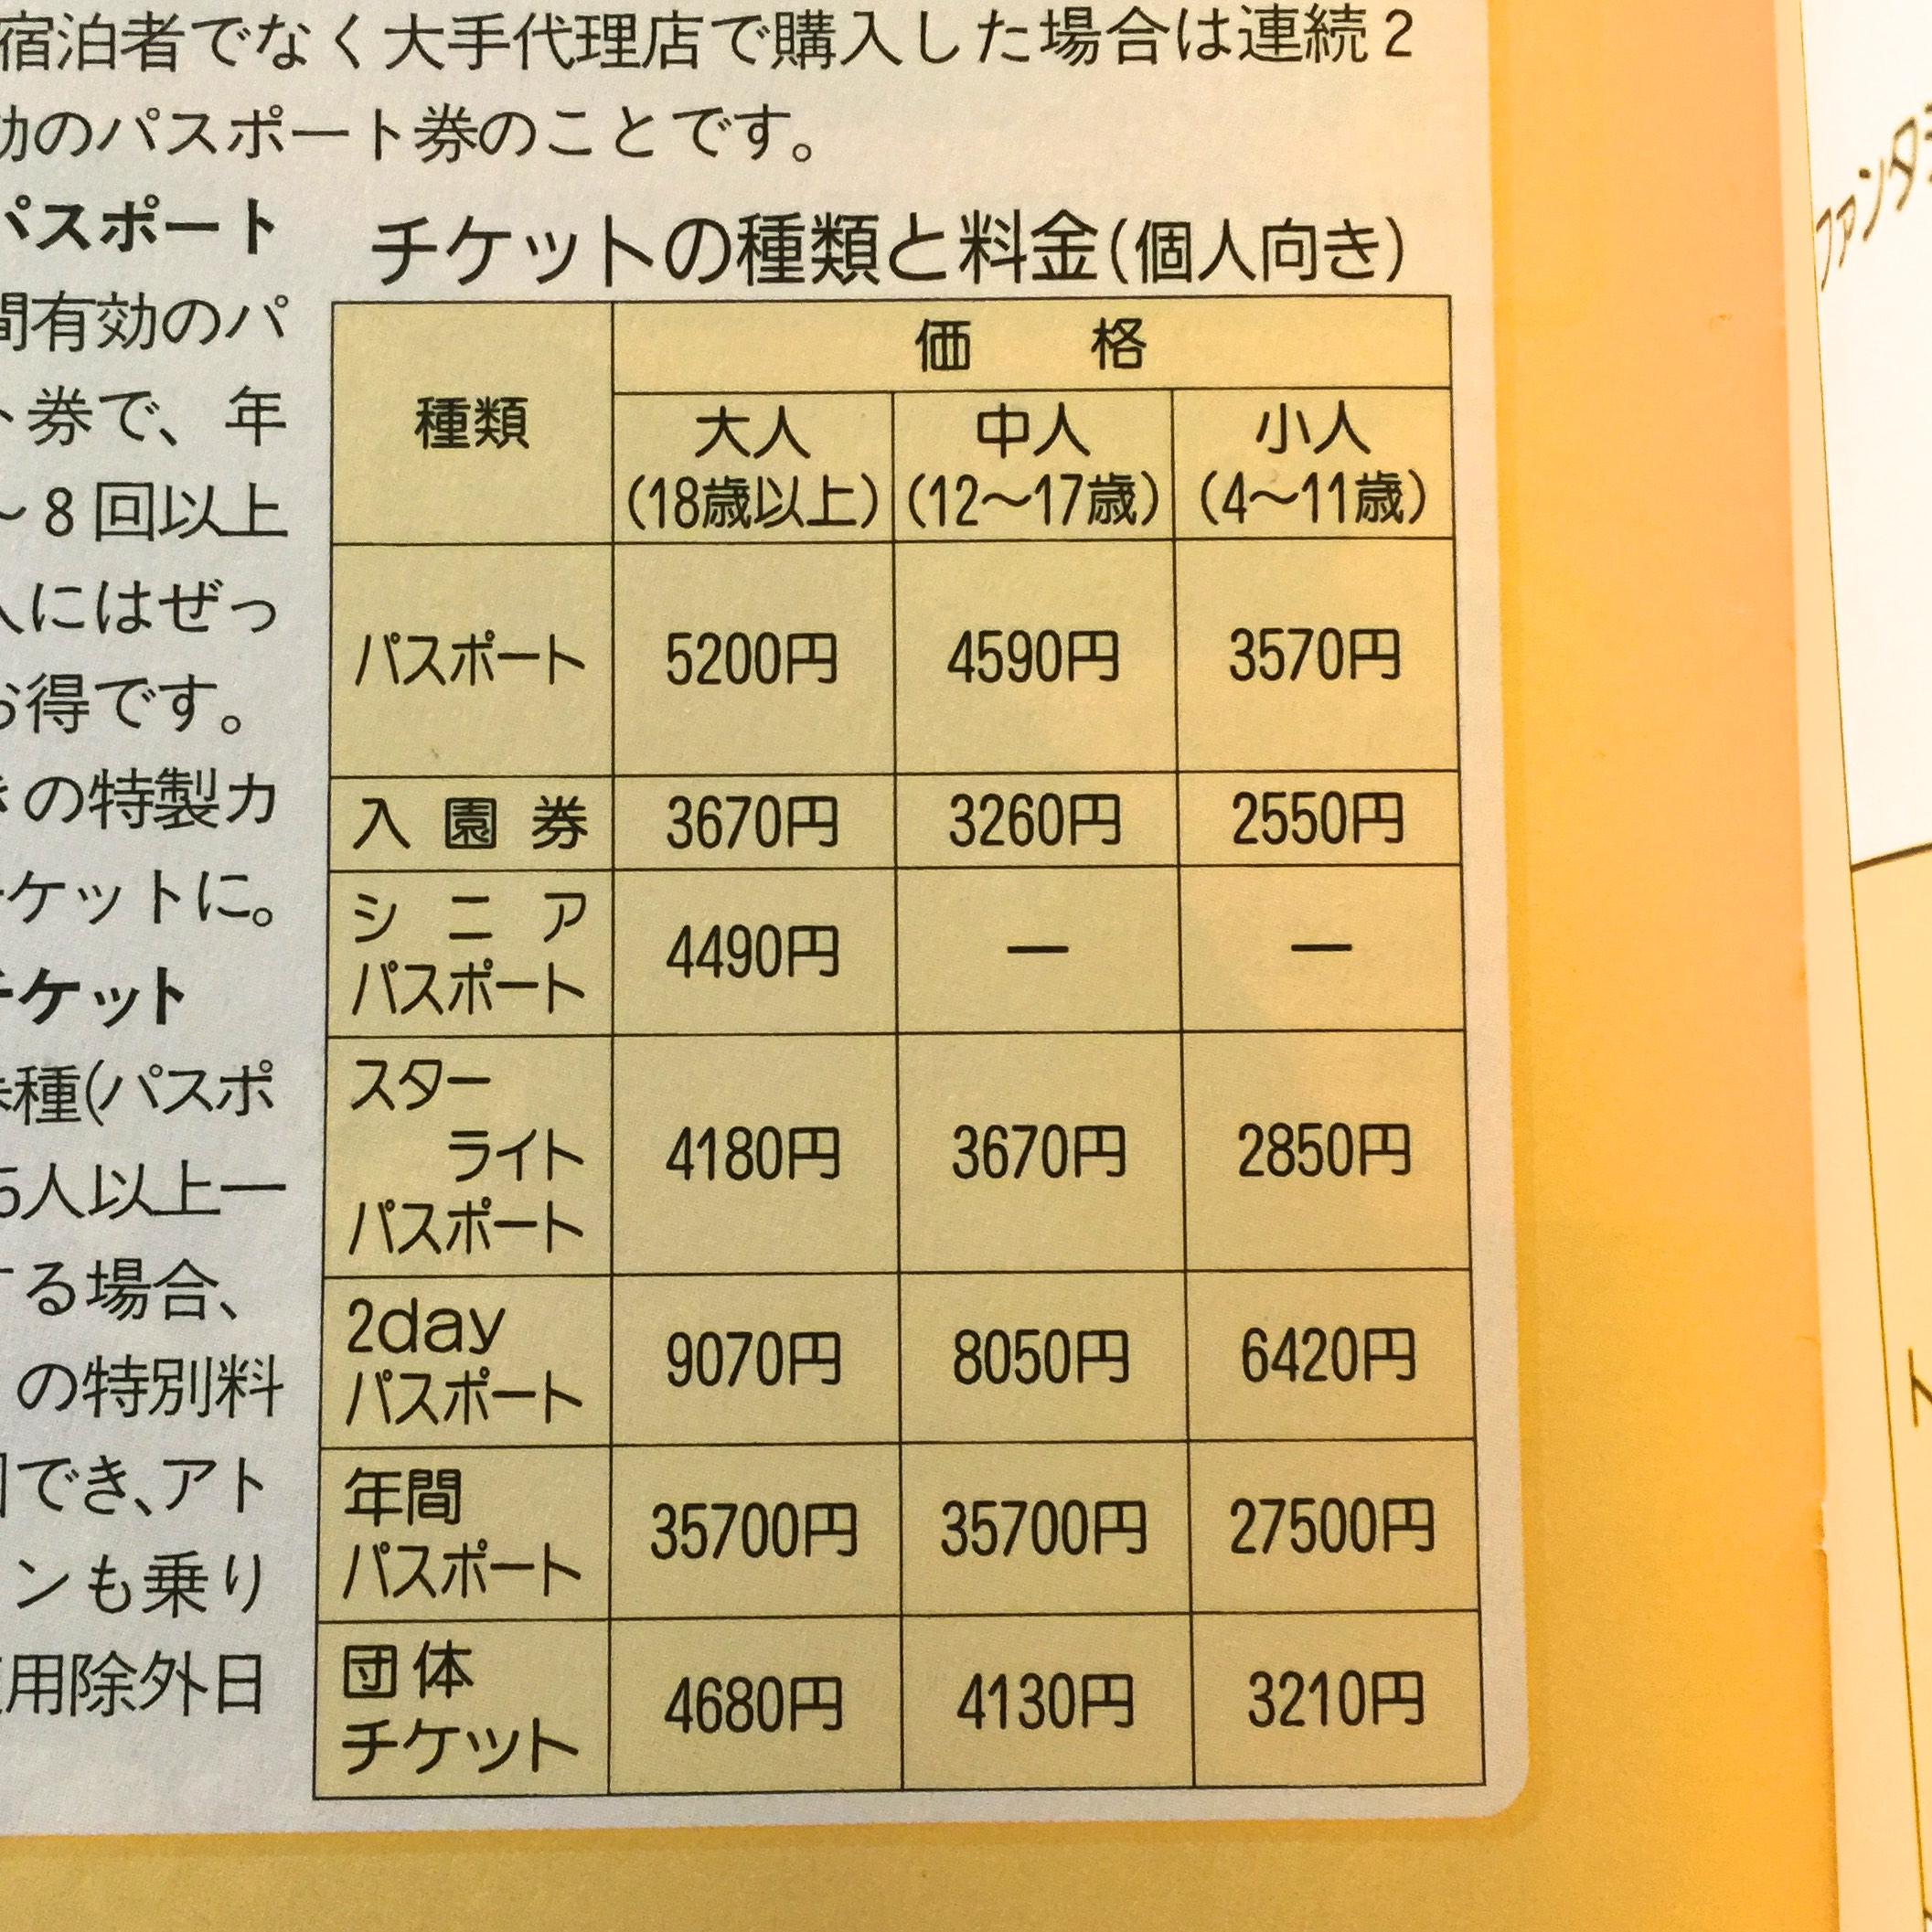 ディズニーsp | 東京ディズニーリゾートに関する最新情報をお届けするブログ